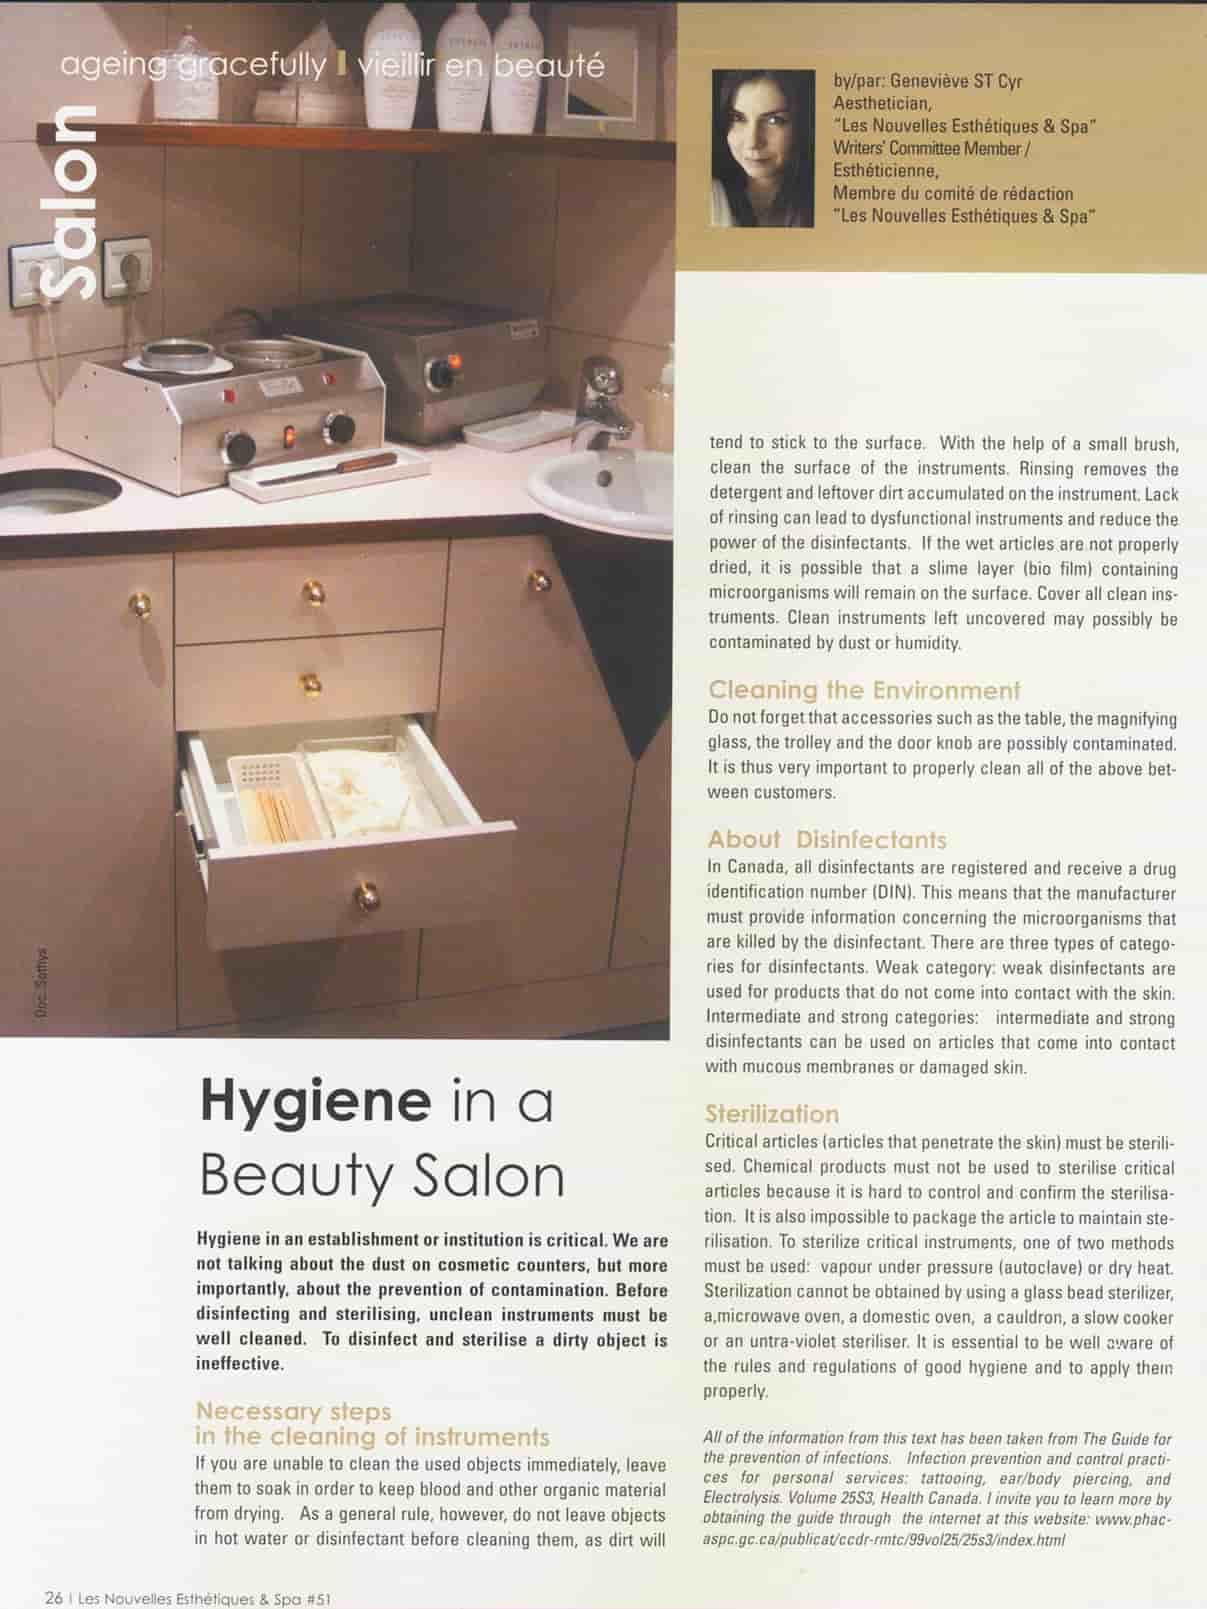 hygiène en institut de beauté